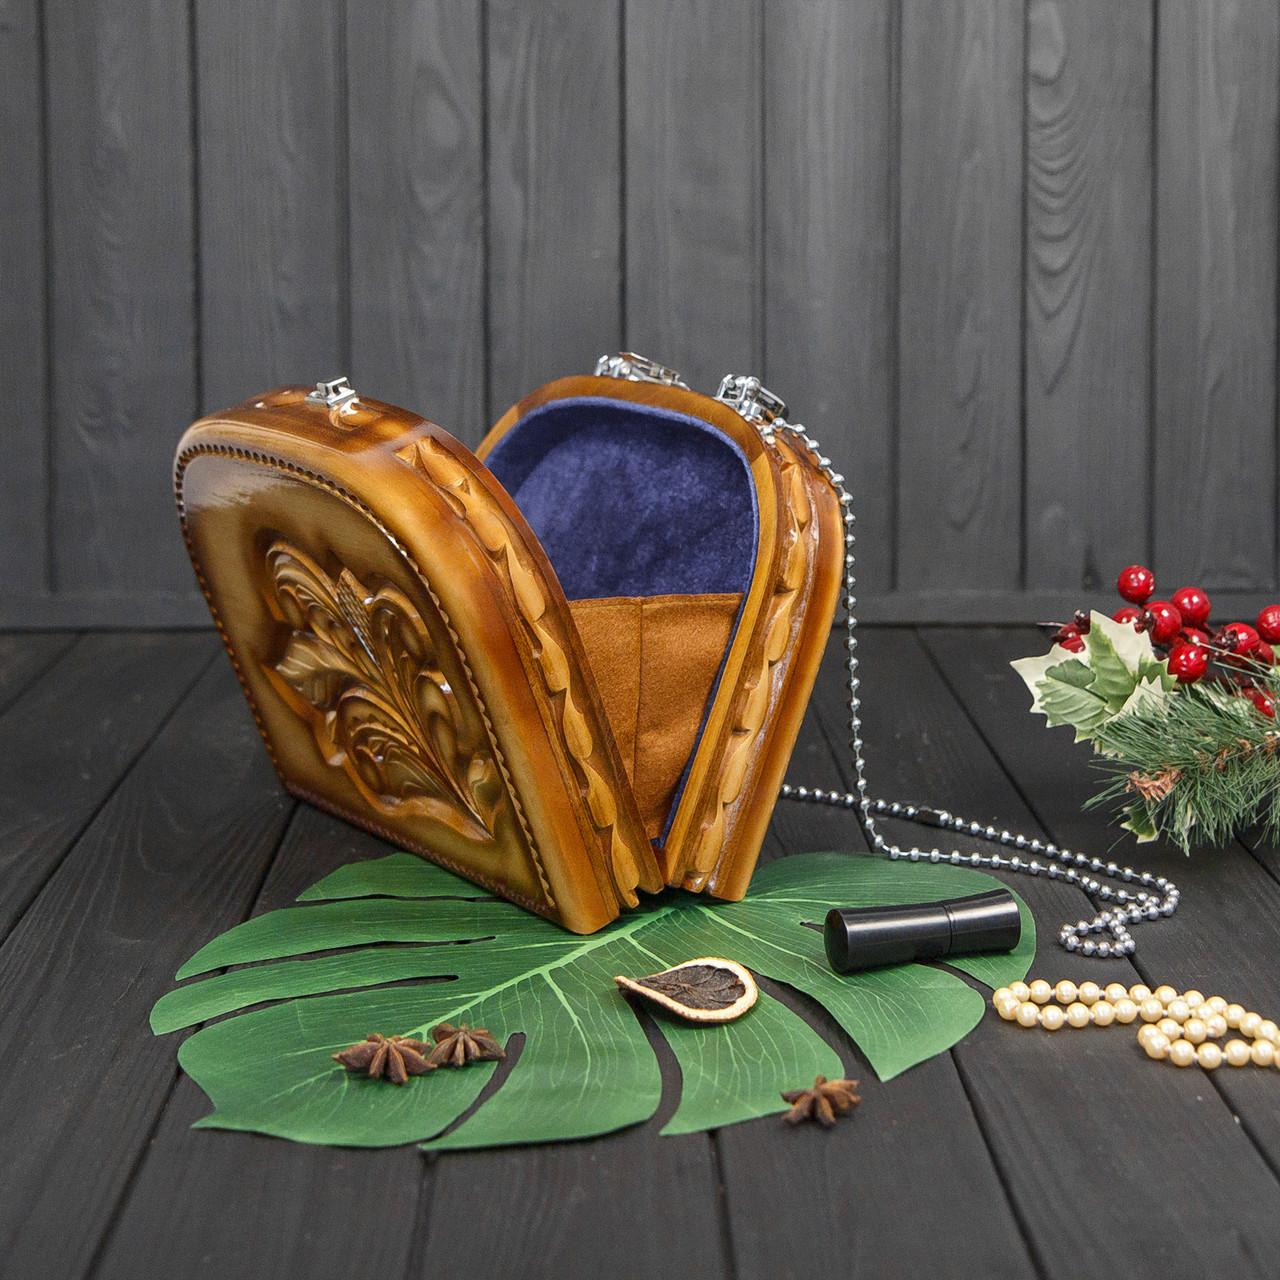 Женская сумочка ручной работы из дерева, эксклюзивная резьба, STRYI, 25*19*8, фото 3